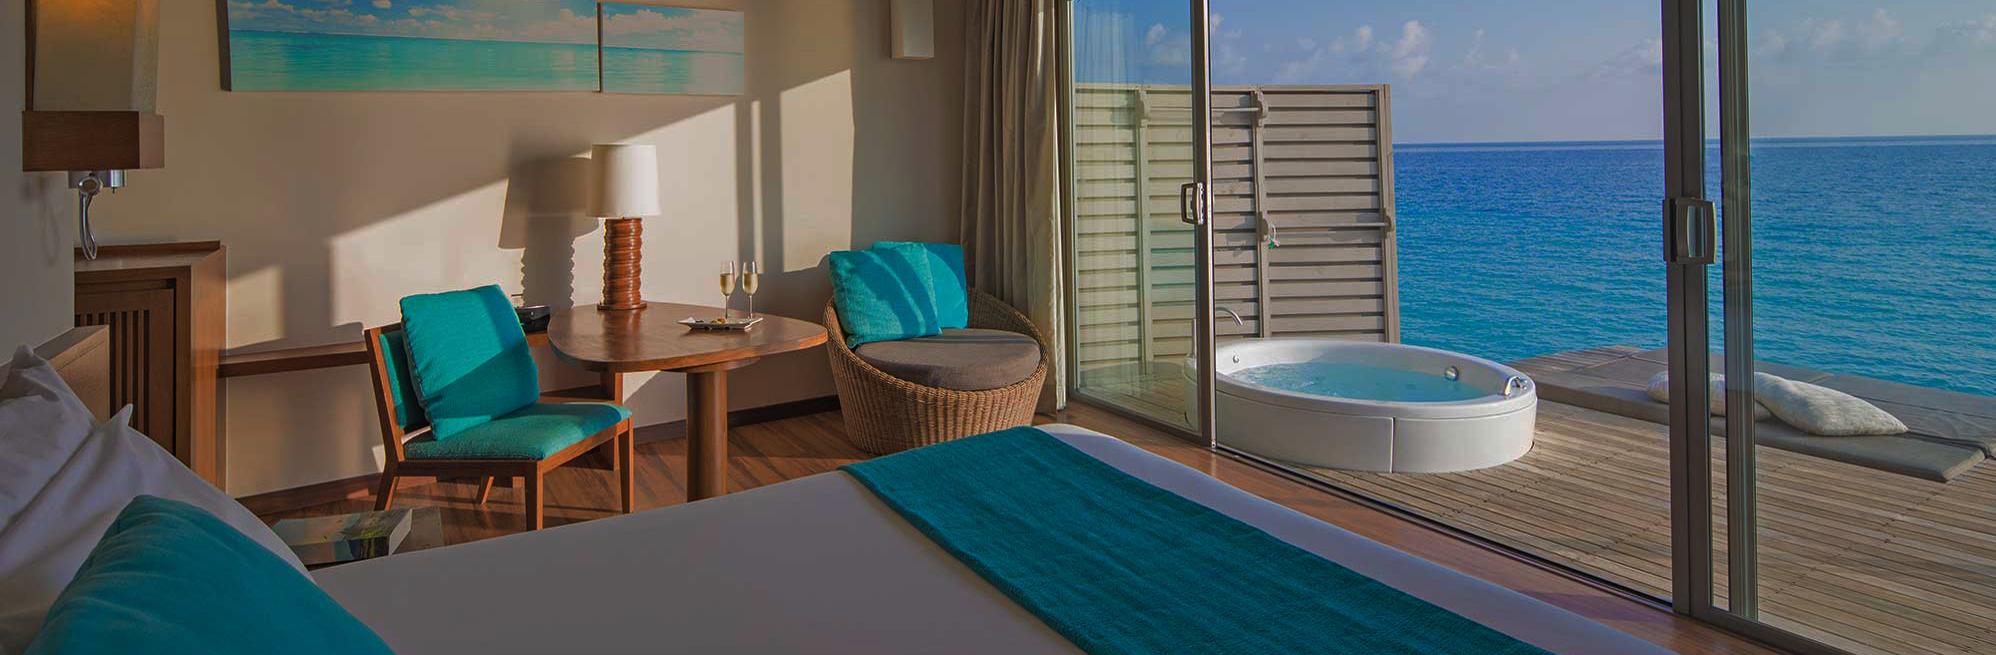 Ras Fushi maldives 06 premium deluxe spa water villa 08 2000x925 1